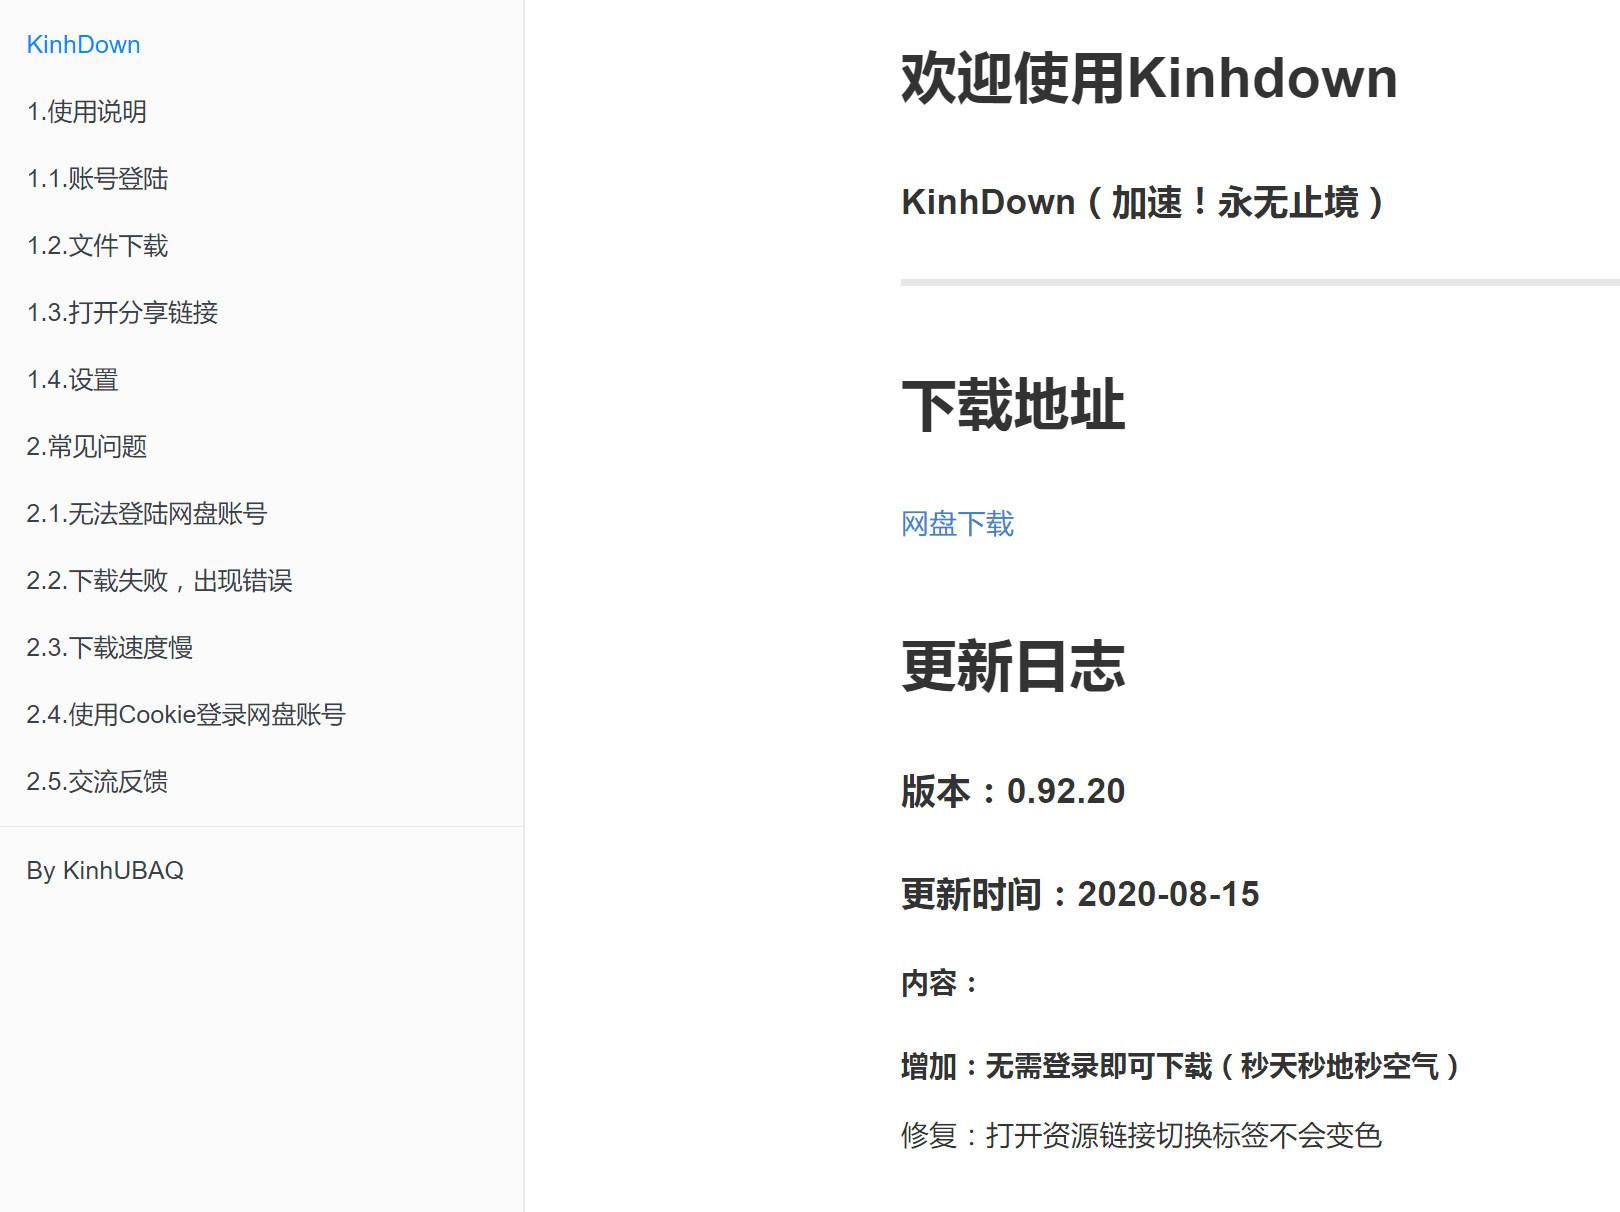 百度网盘下载辅助新工具Kinhdown  文章推荐  图1